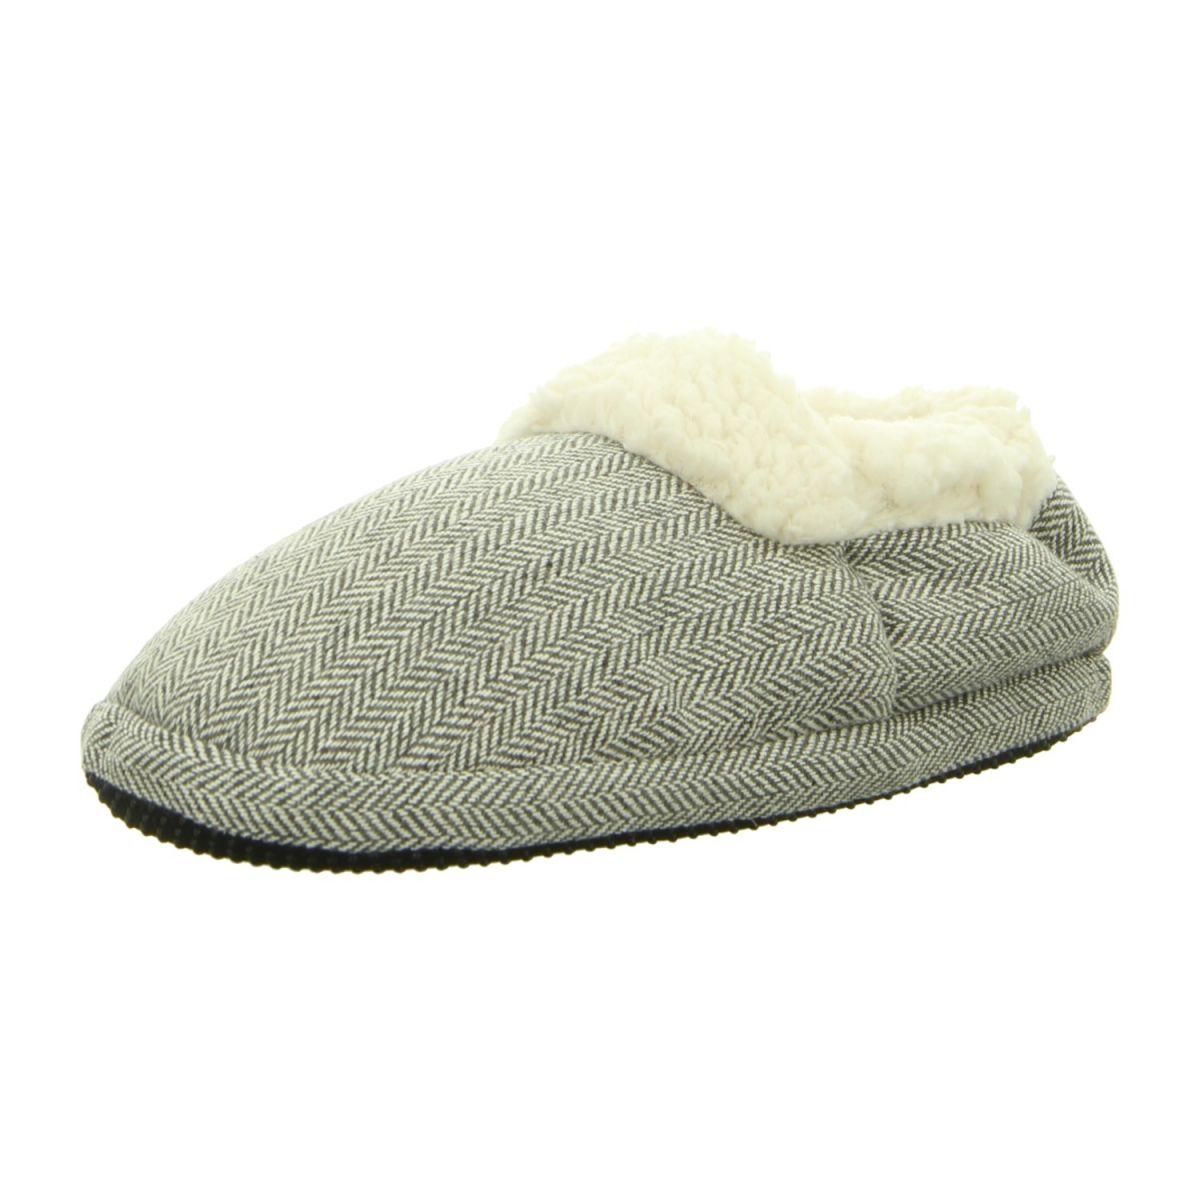 NEU: Warmies Hausschuhe Comfort37-41 - 03046 - grau -   Schuhe ...